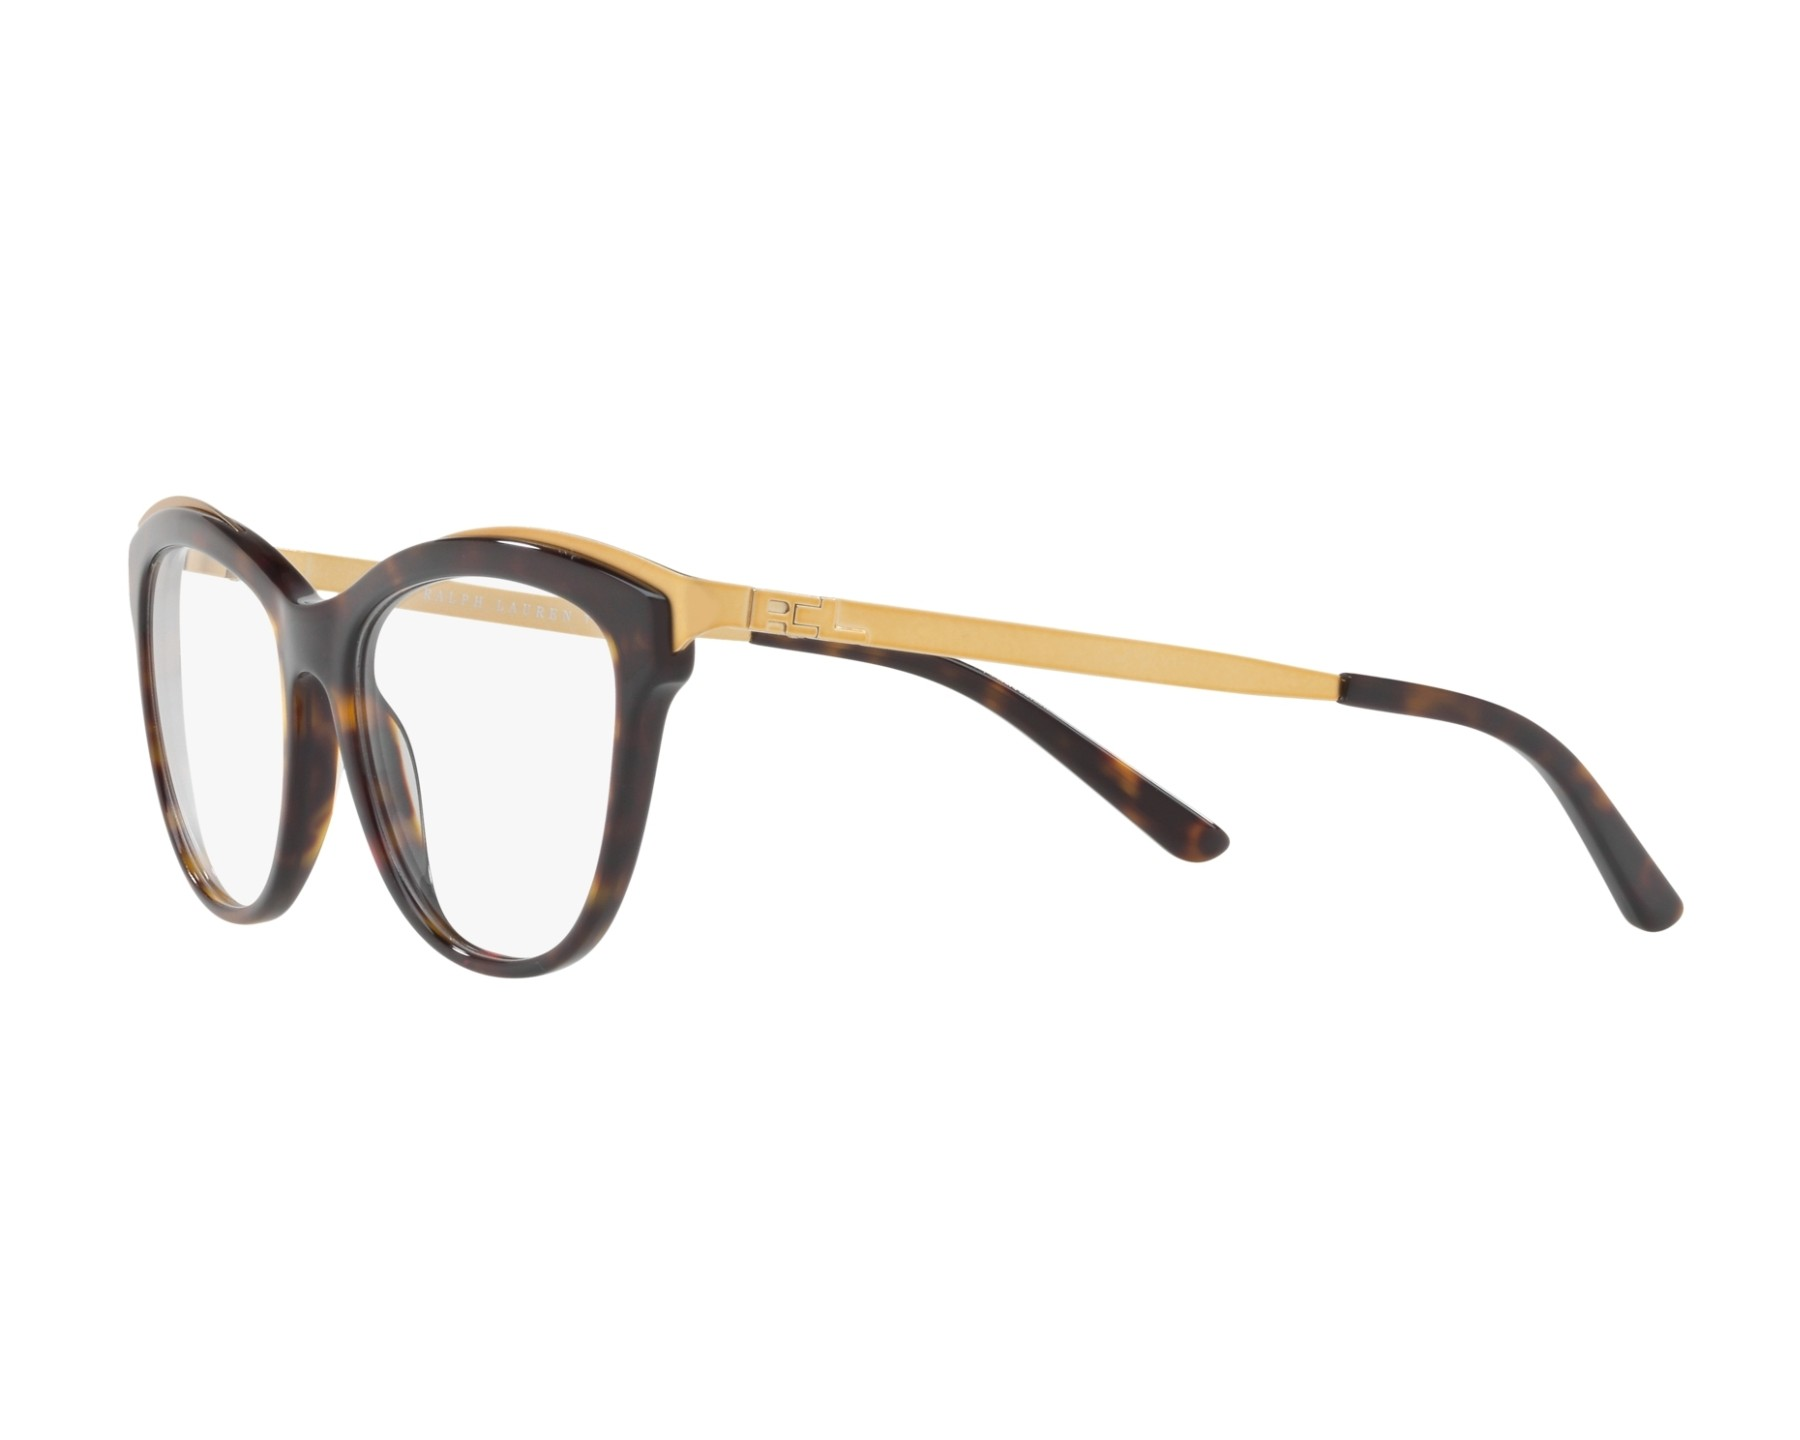 b68222c4e4 eyeglasses Ralph Lauren RL-6166 5003 53-17 Havana 360 degree view 3